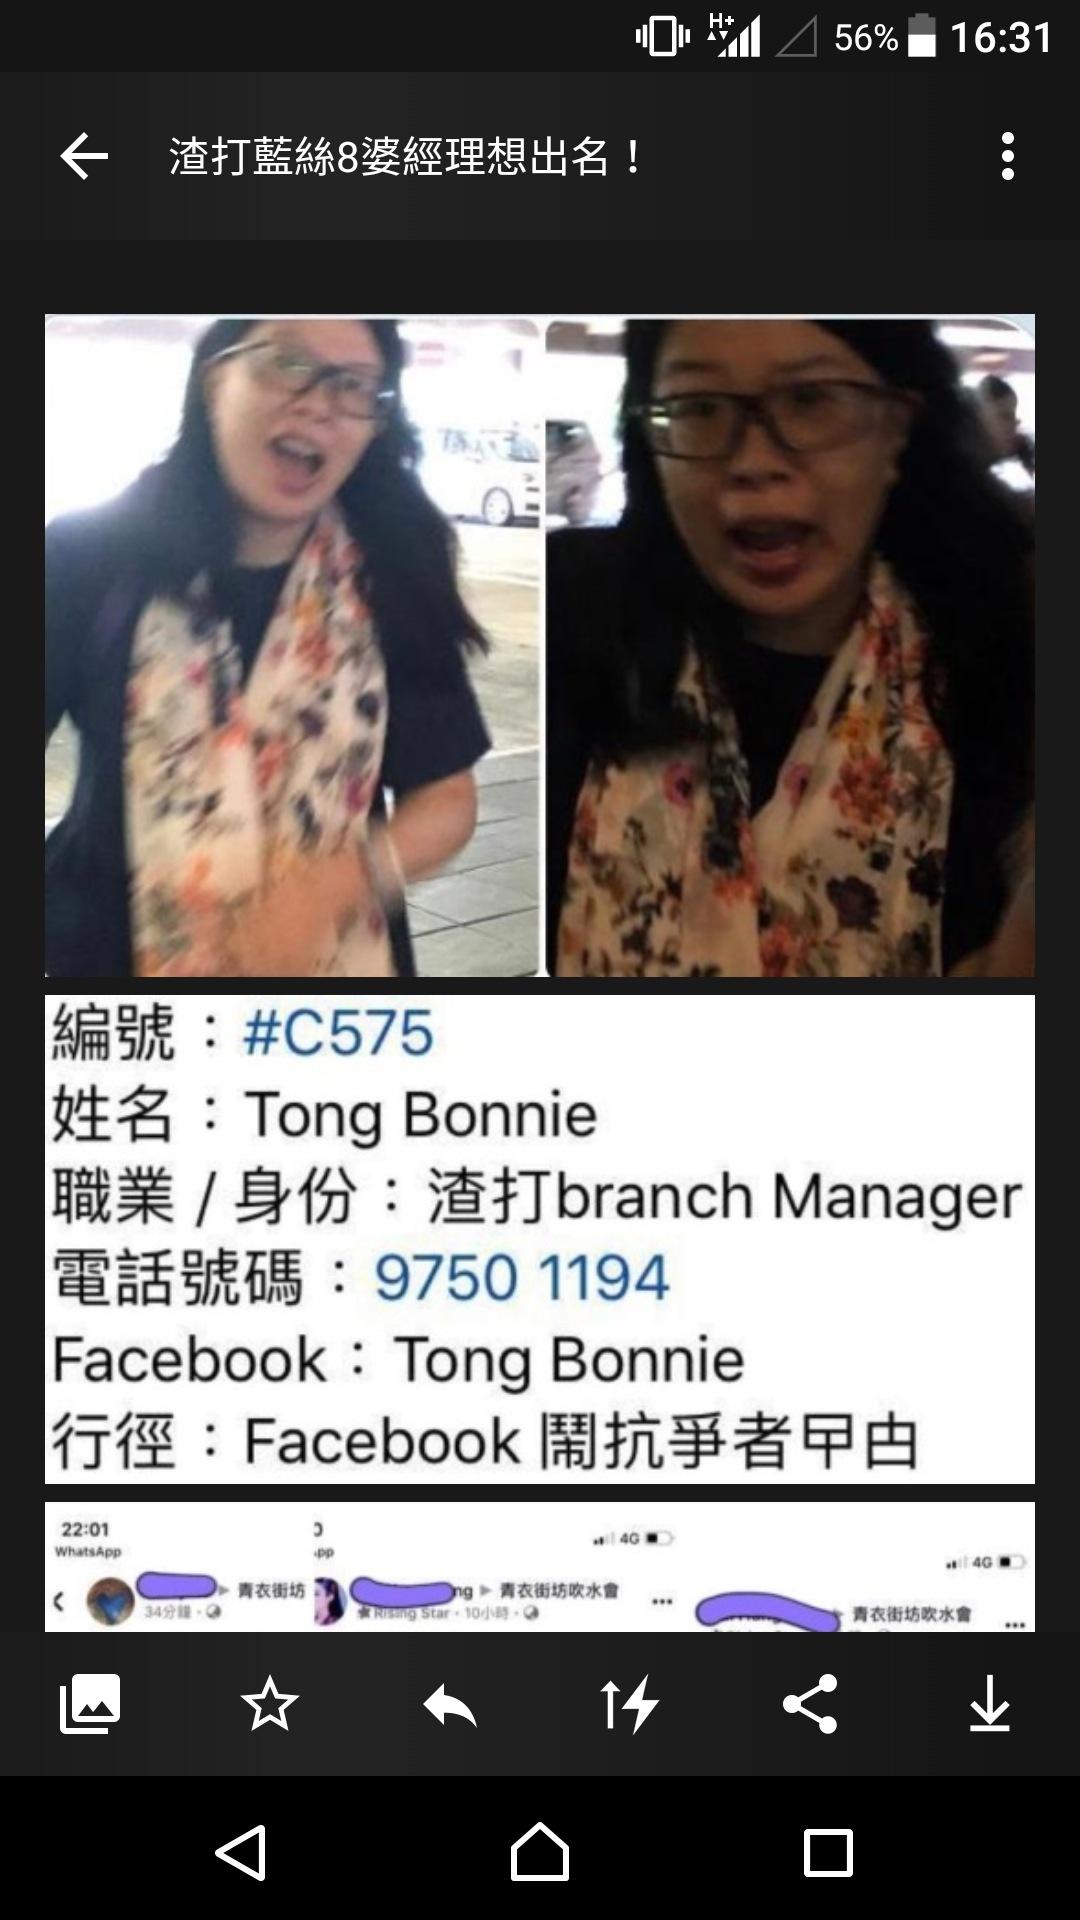 """「渣打Bonnie Tong」的圖片搜尋結果"""""""